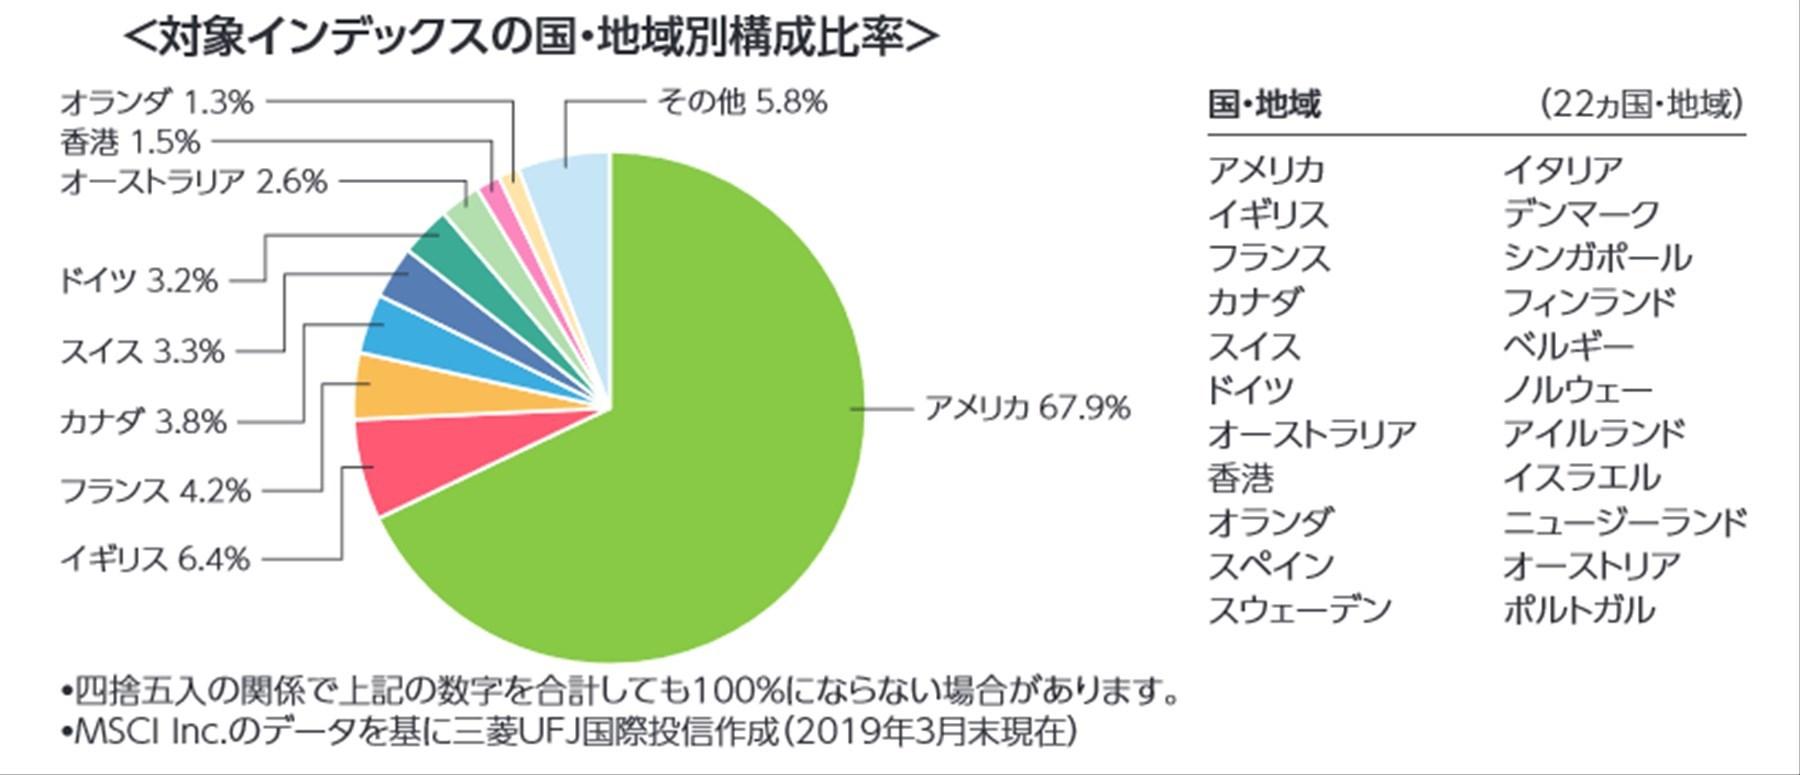 eMAXIS Slim 先進国株式インデックスの投資対象先の国割合。